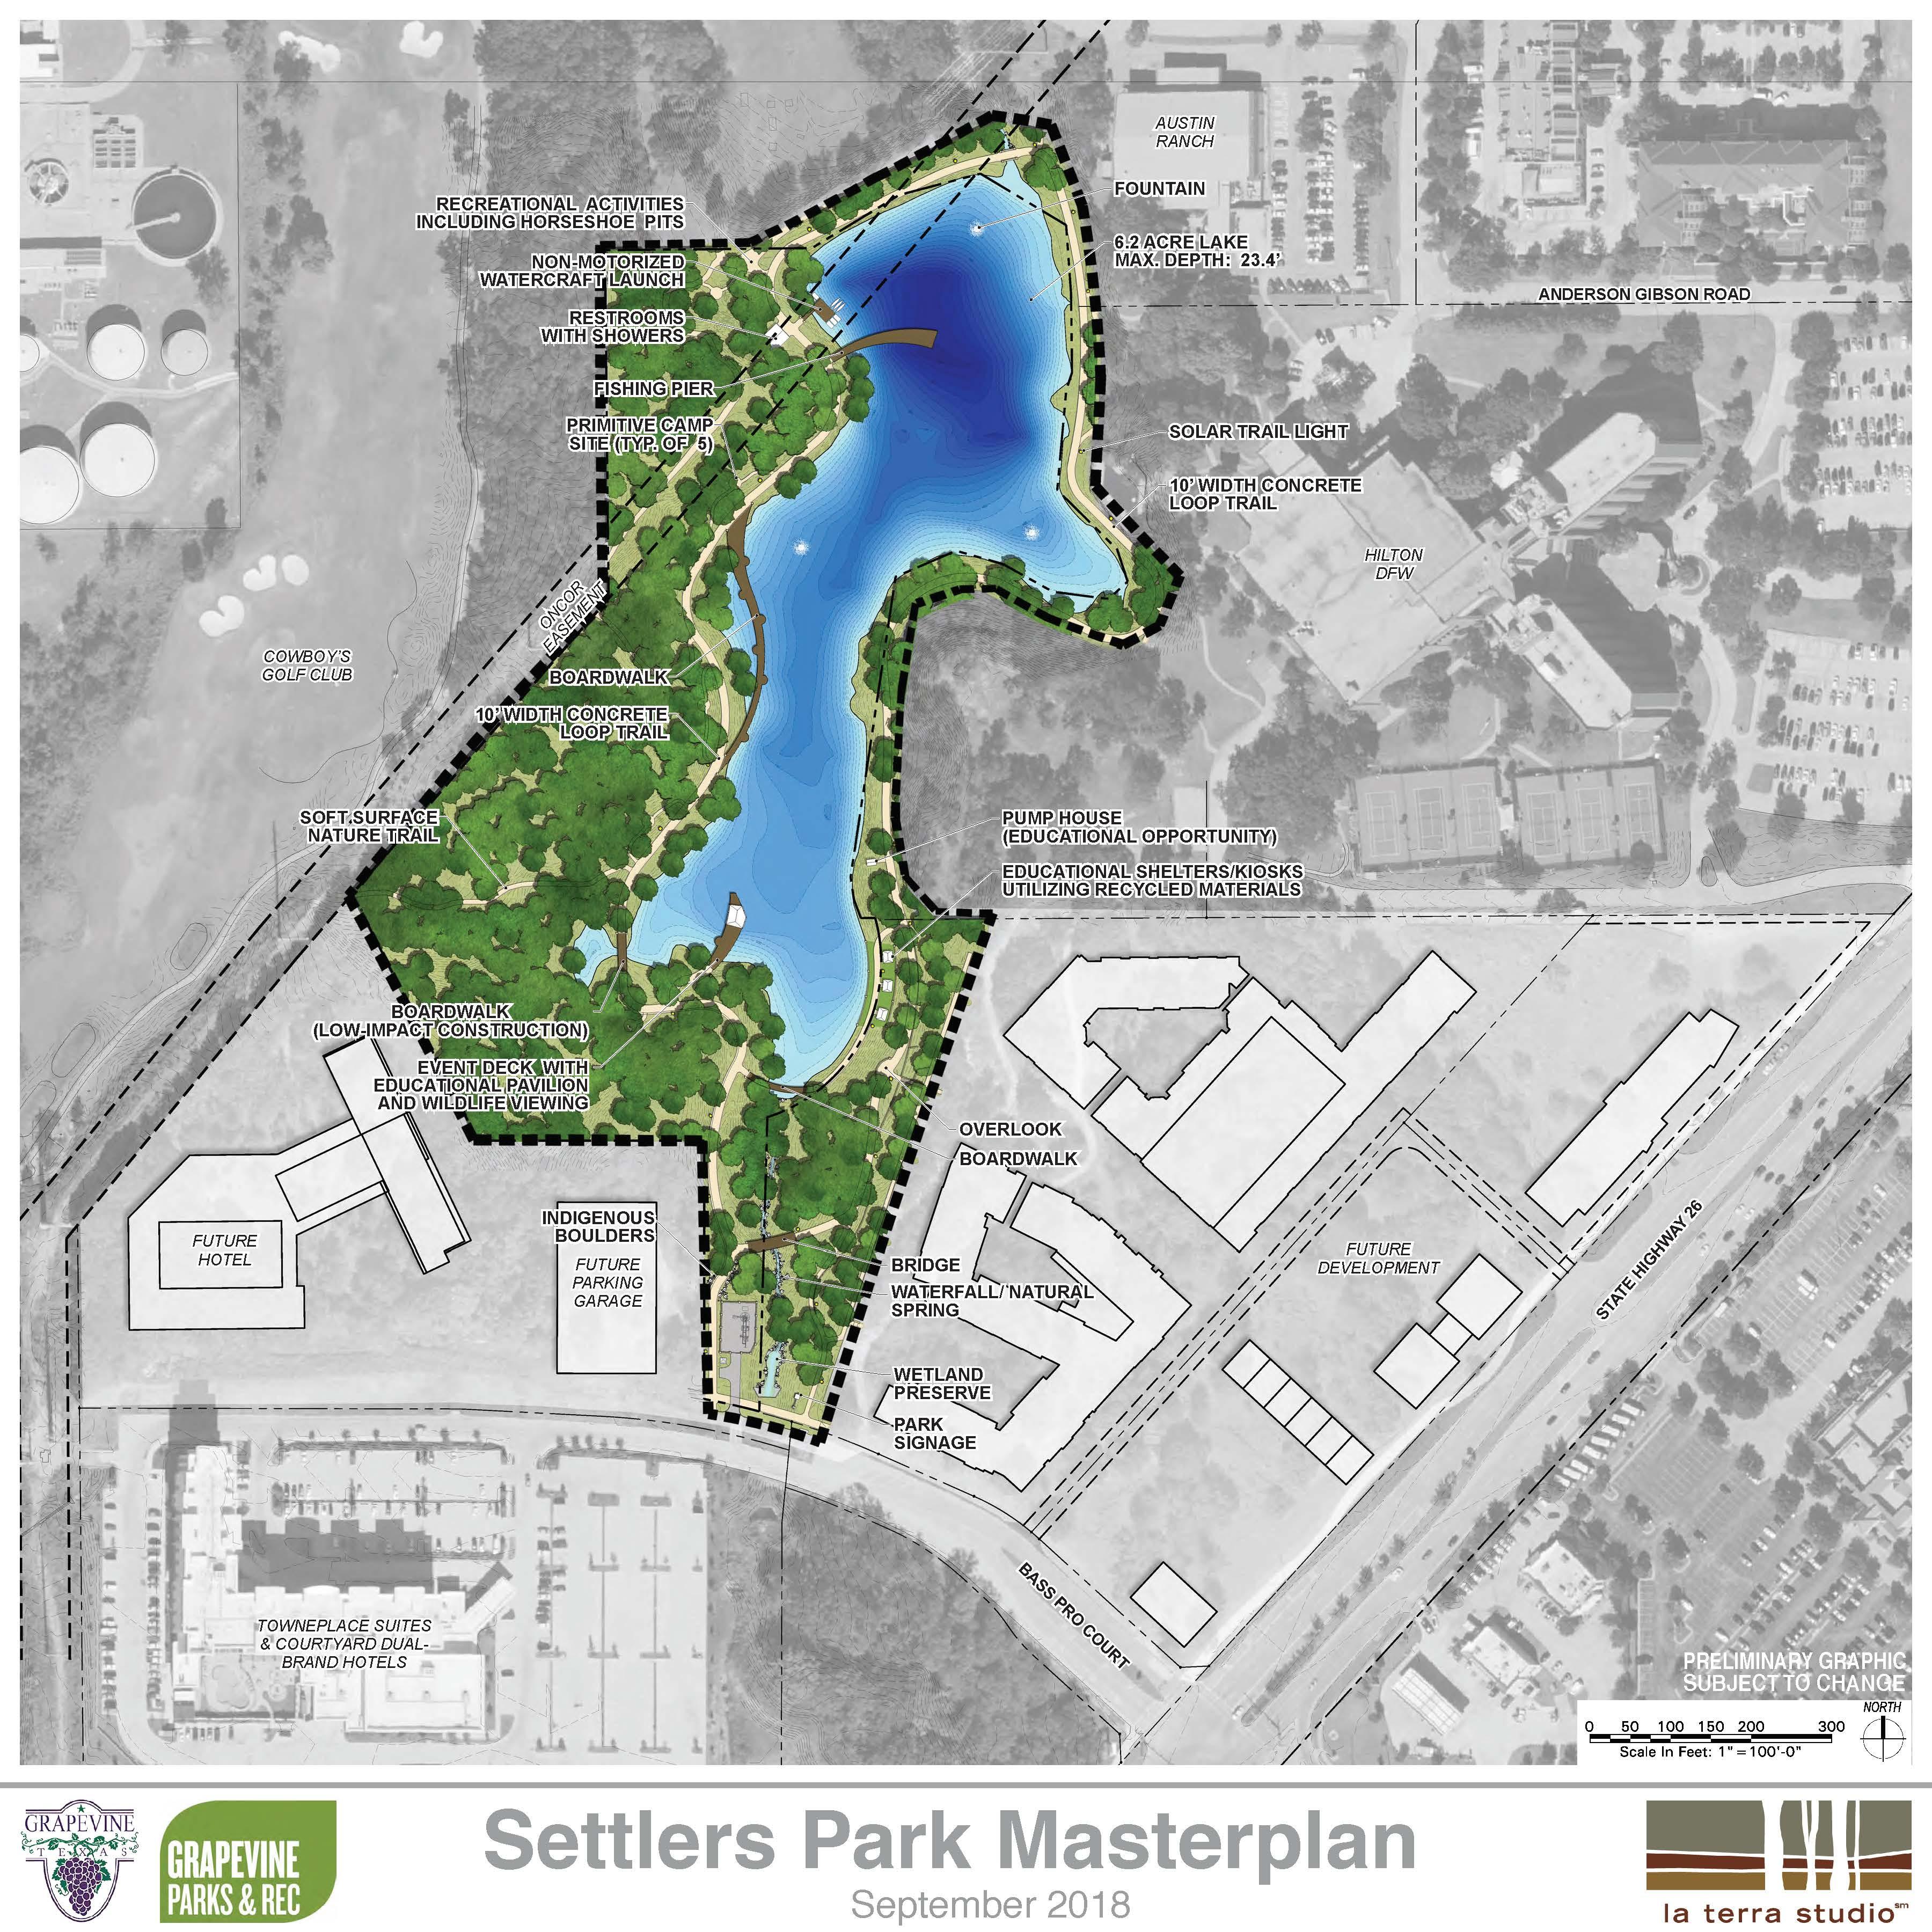 Settlers Park